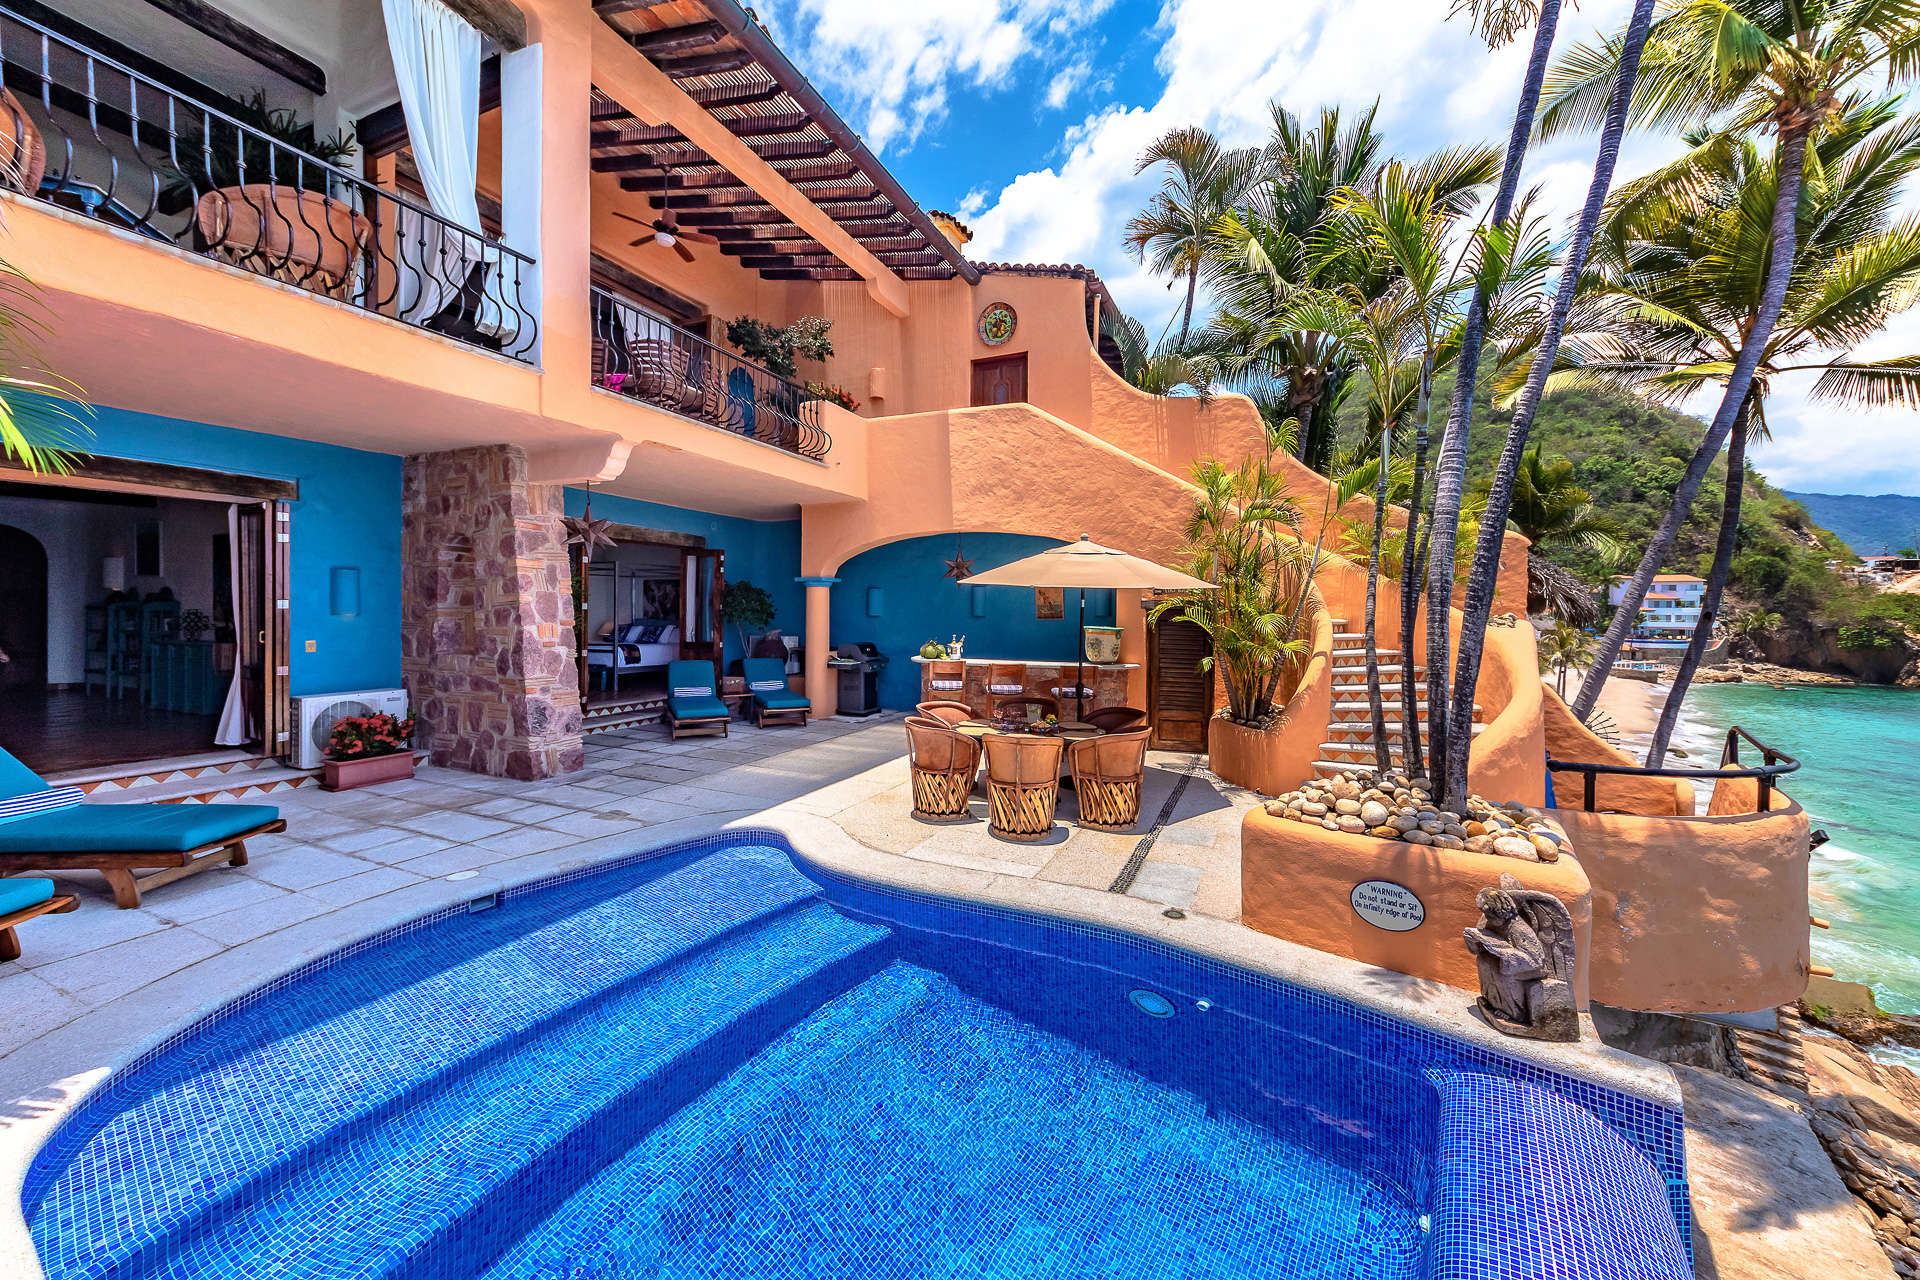 - Villa Azul Celeste - Image 1/21